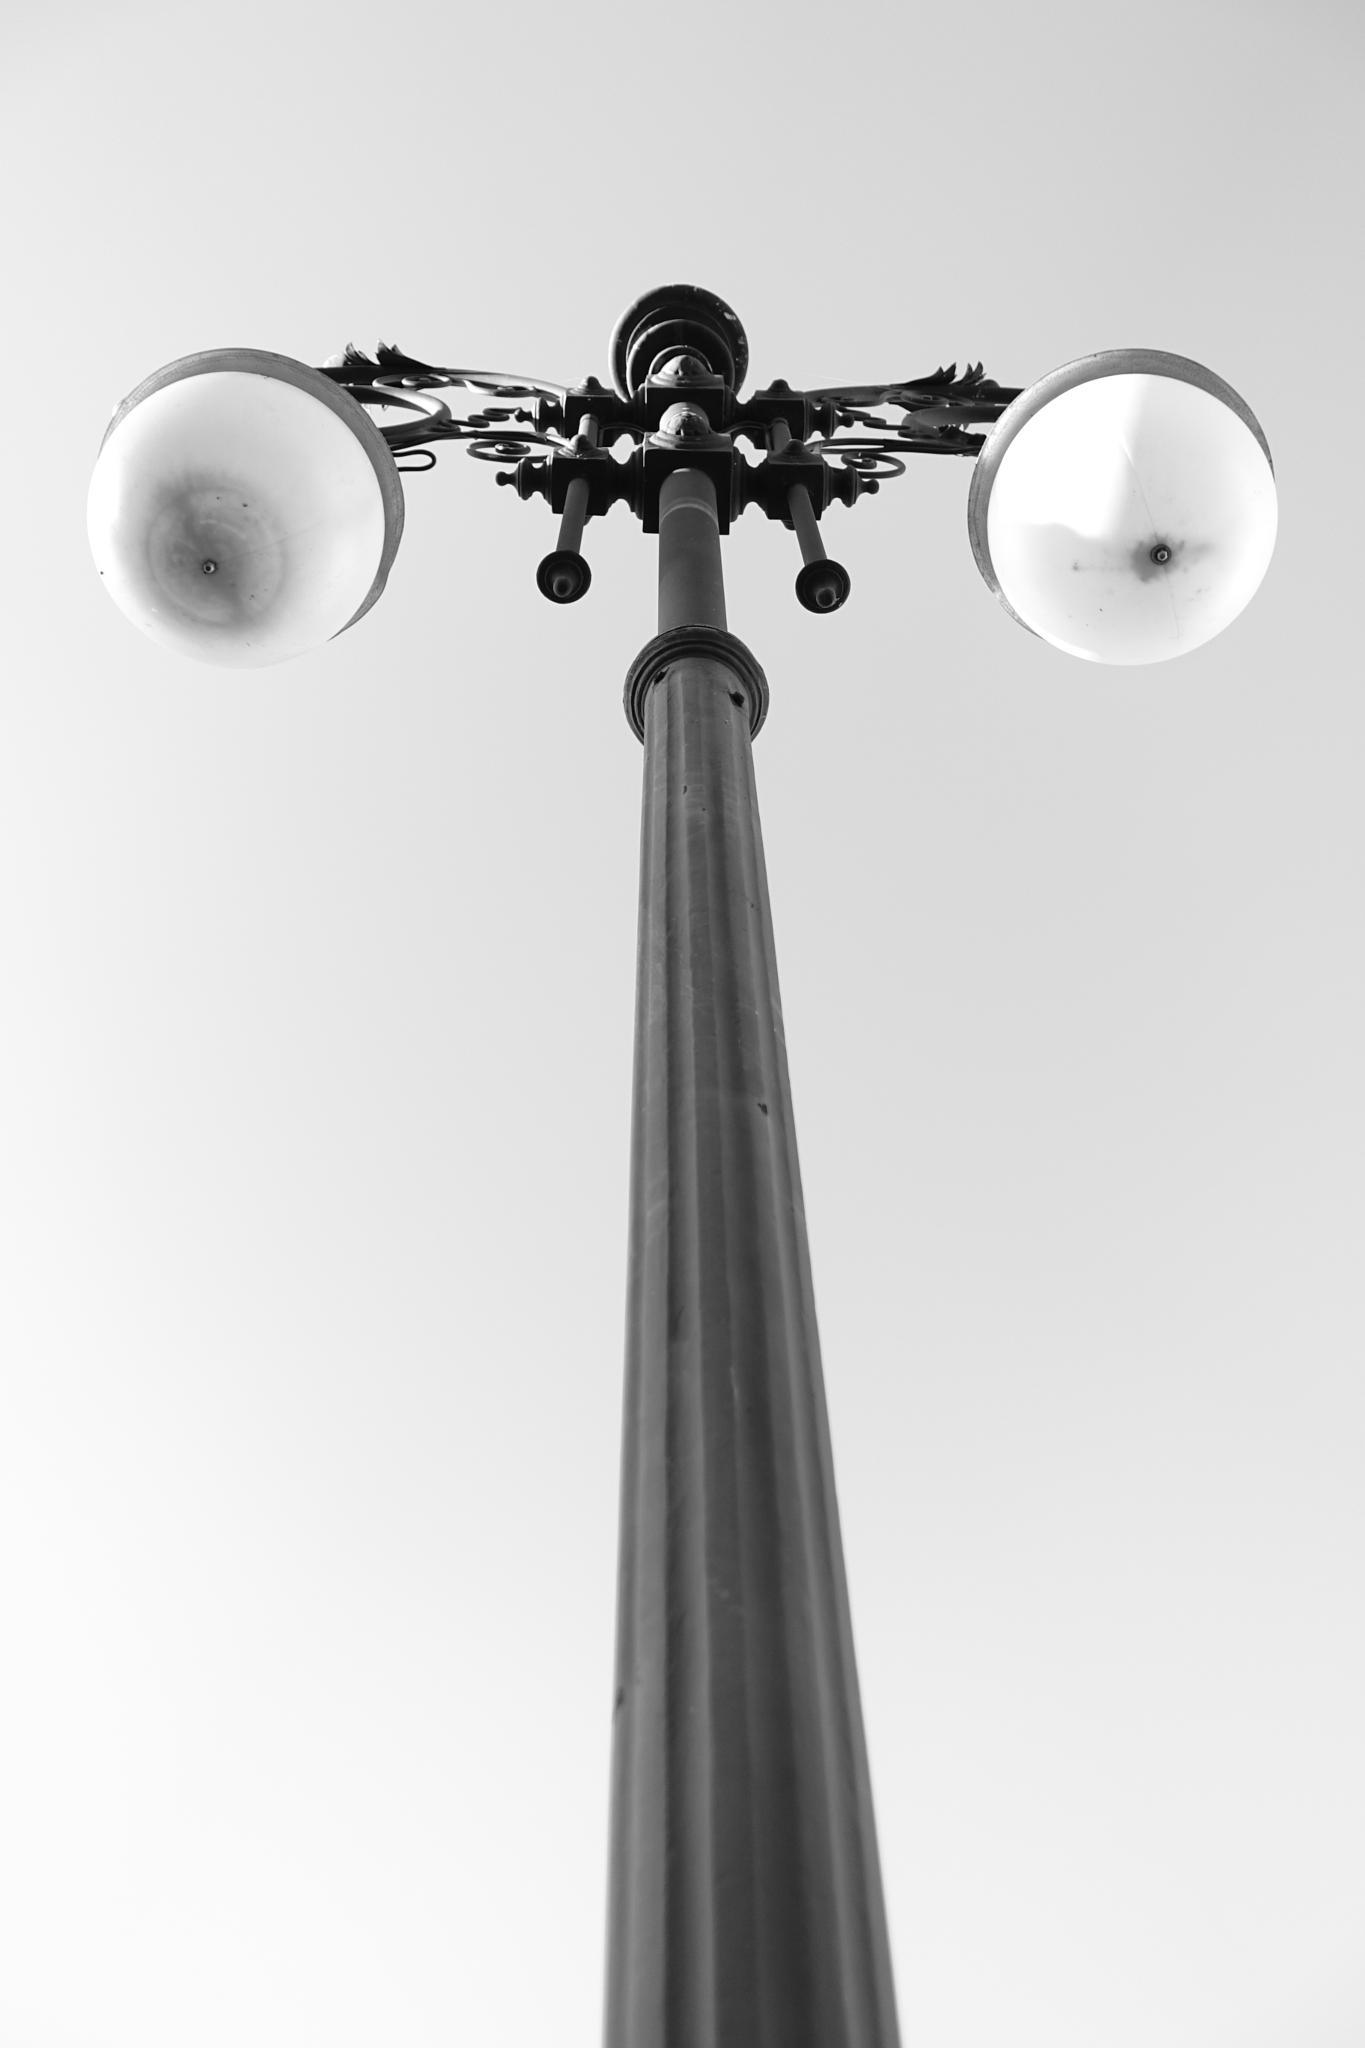 Lamppost by ddsfotografia